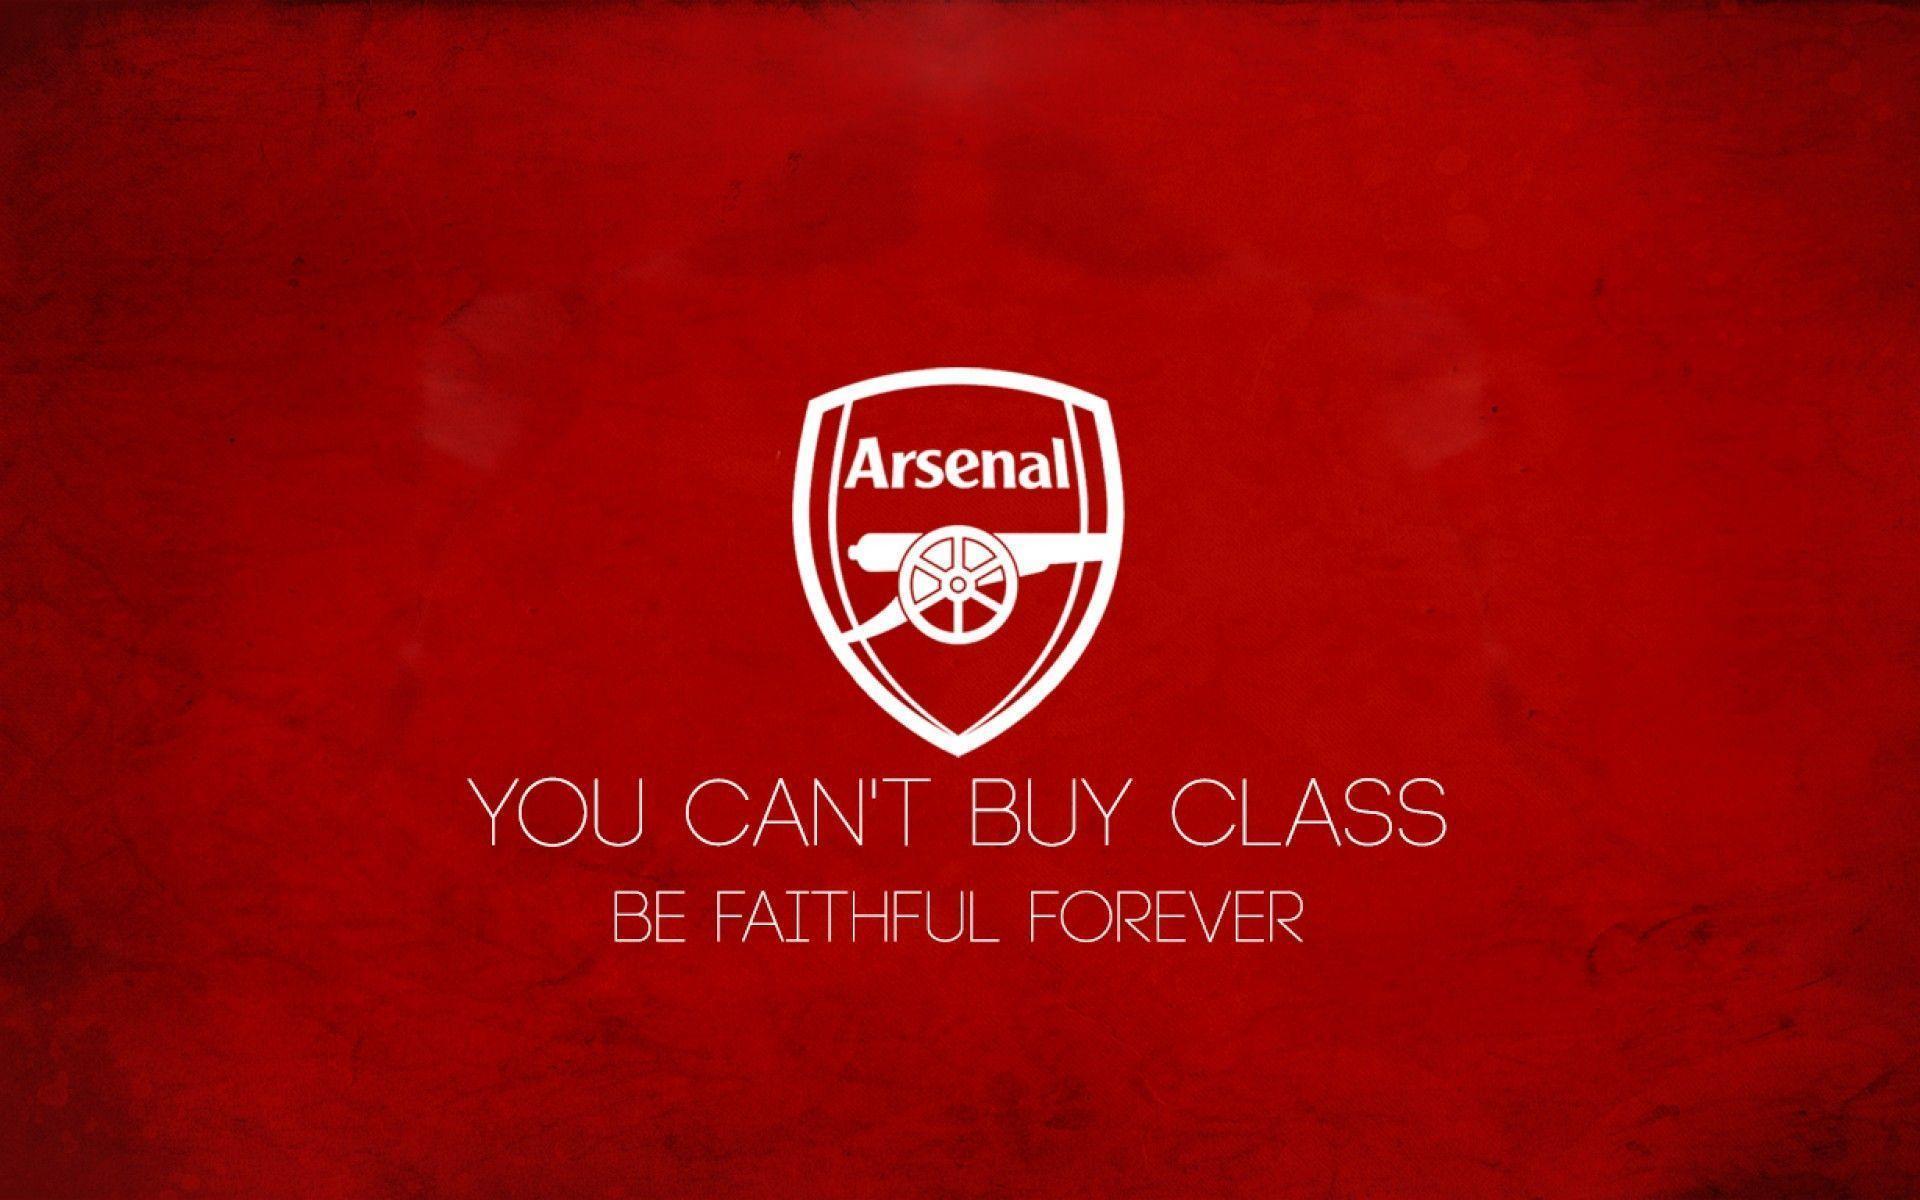 Arsenal Logo Desktop Wallpapers Top Free Arsenal Logo